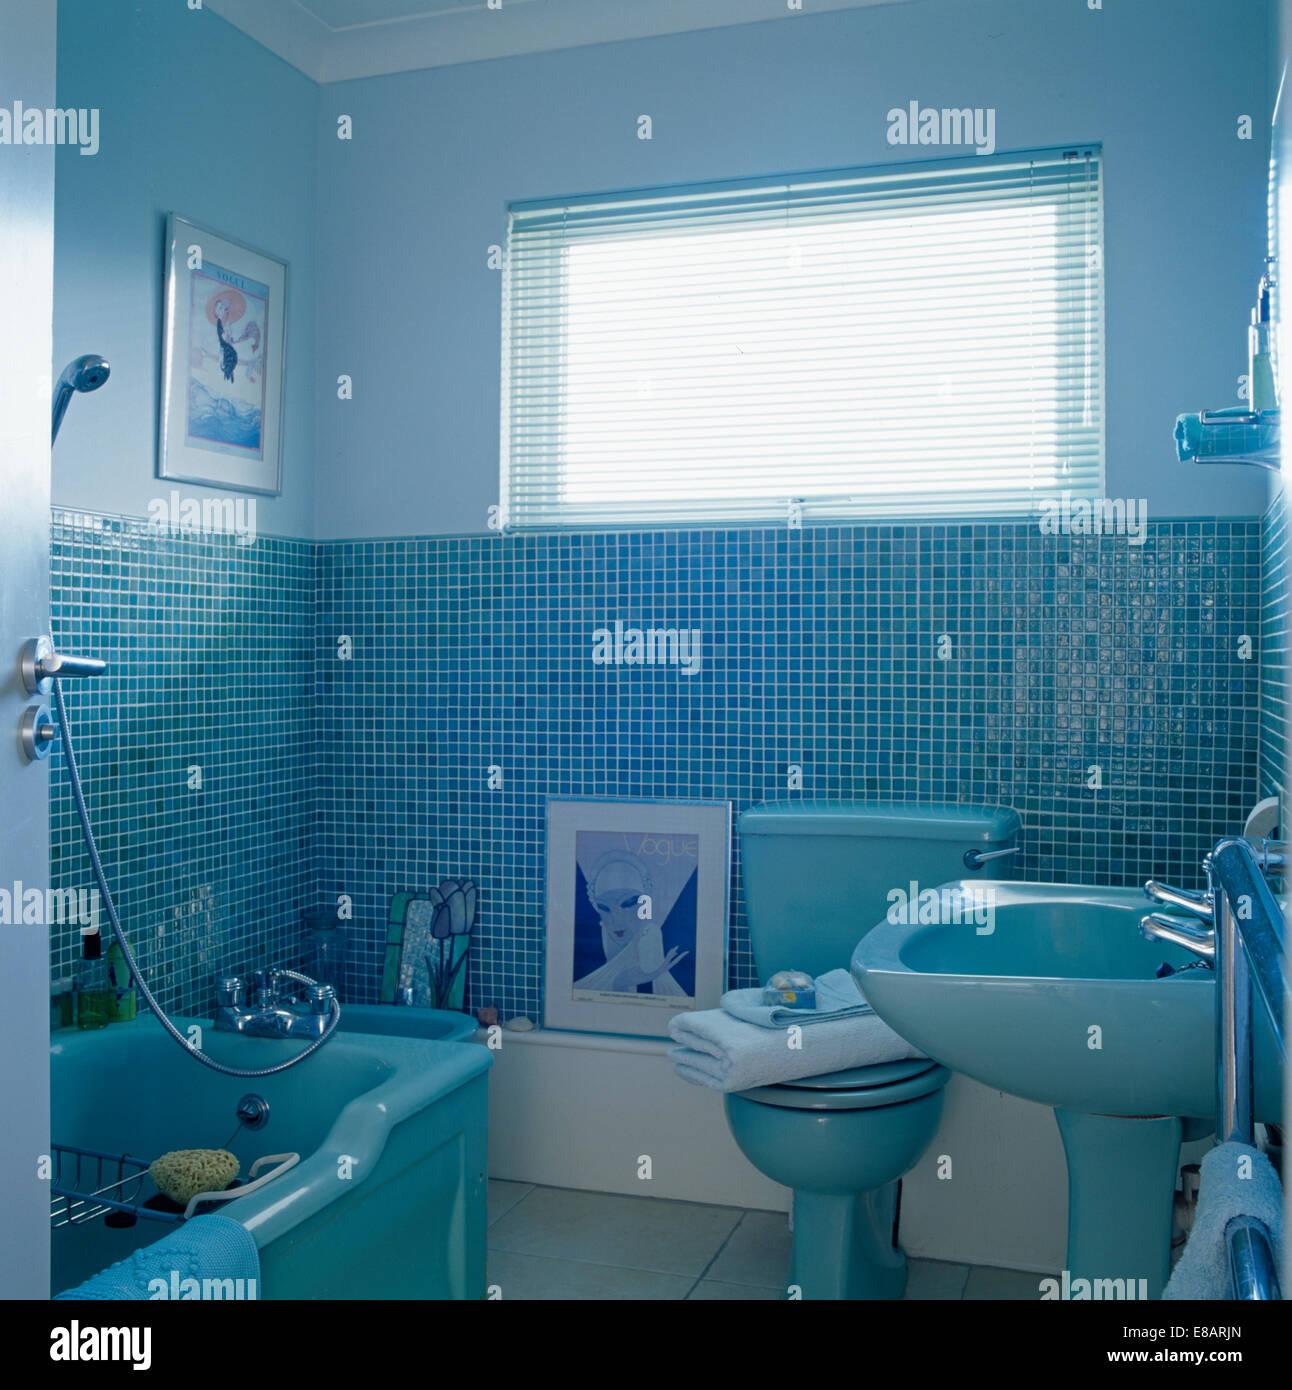 Blaue Mosaik Gefliesten Badezimmer Mit Blauen Badewanne, Waschbecken Und WC